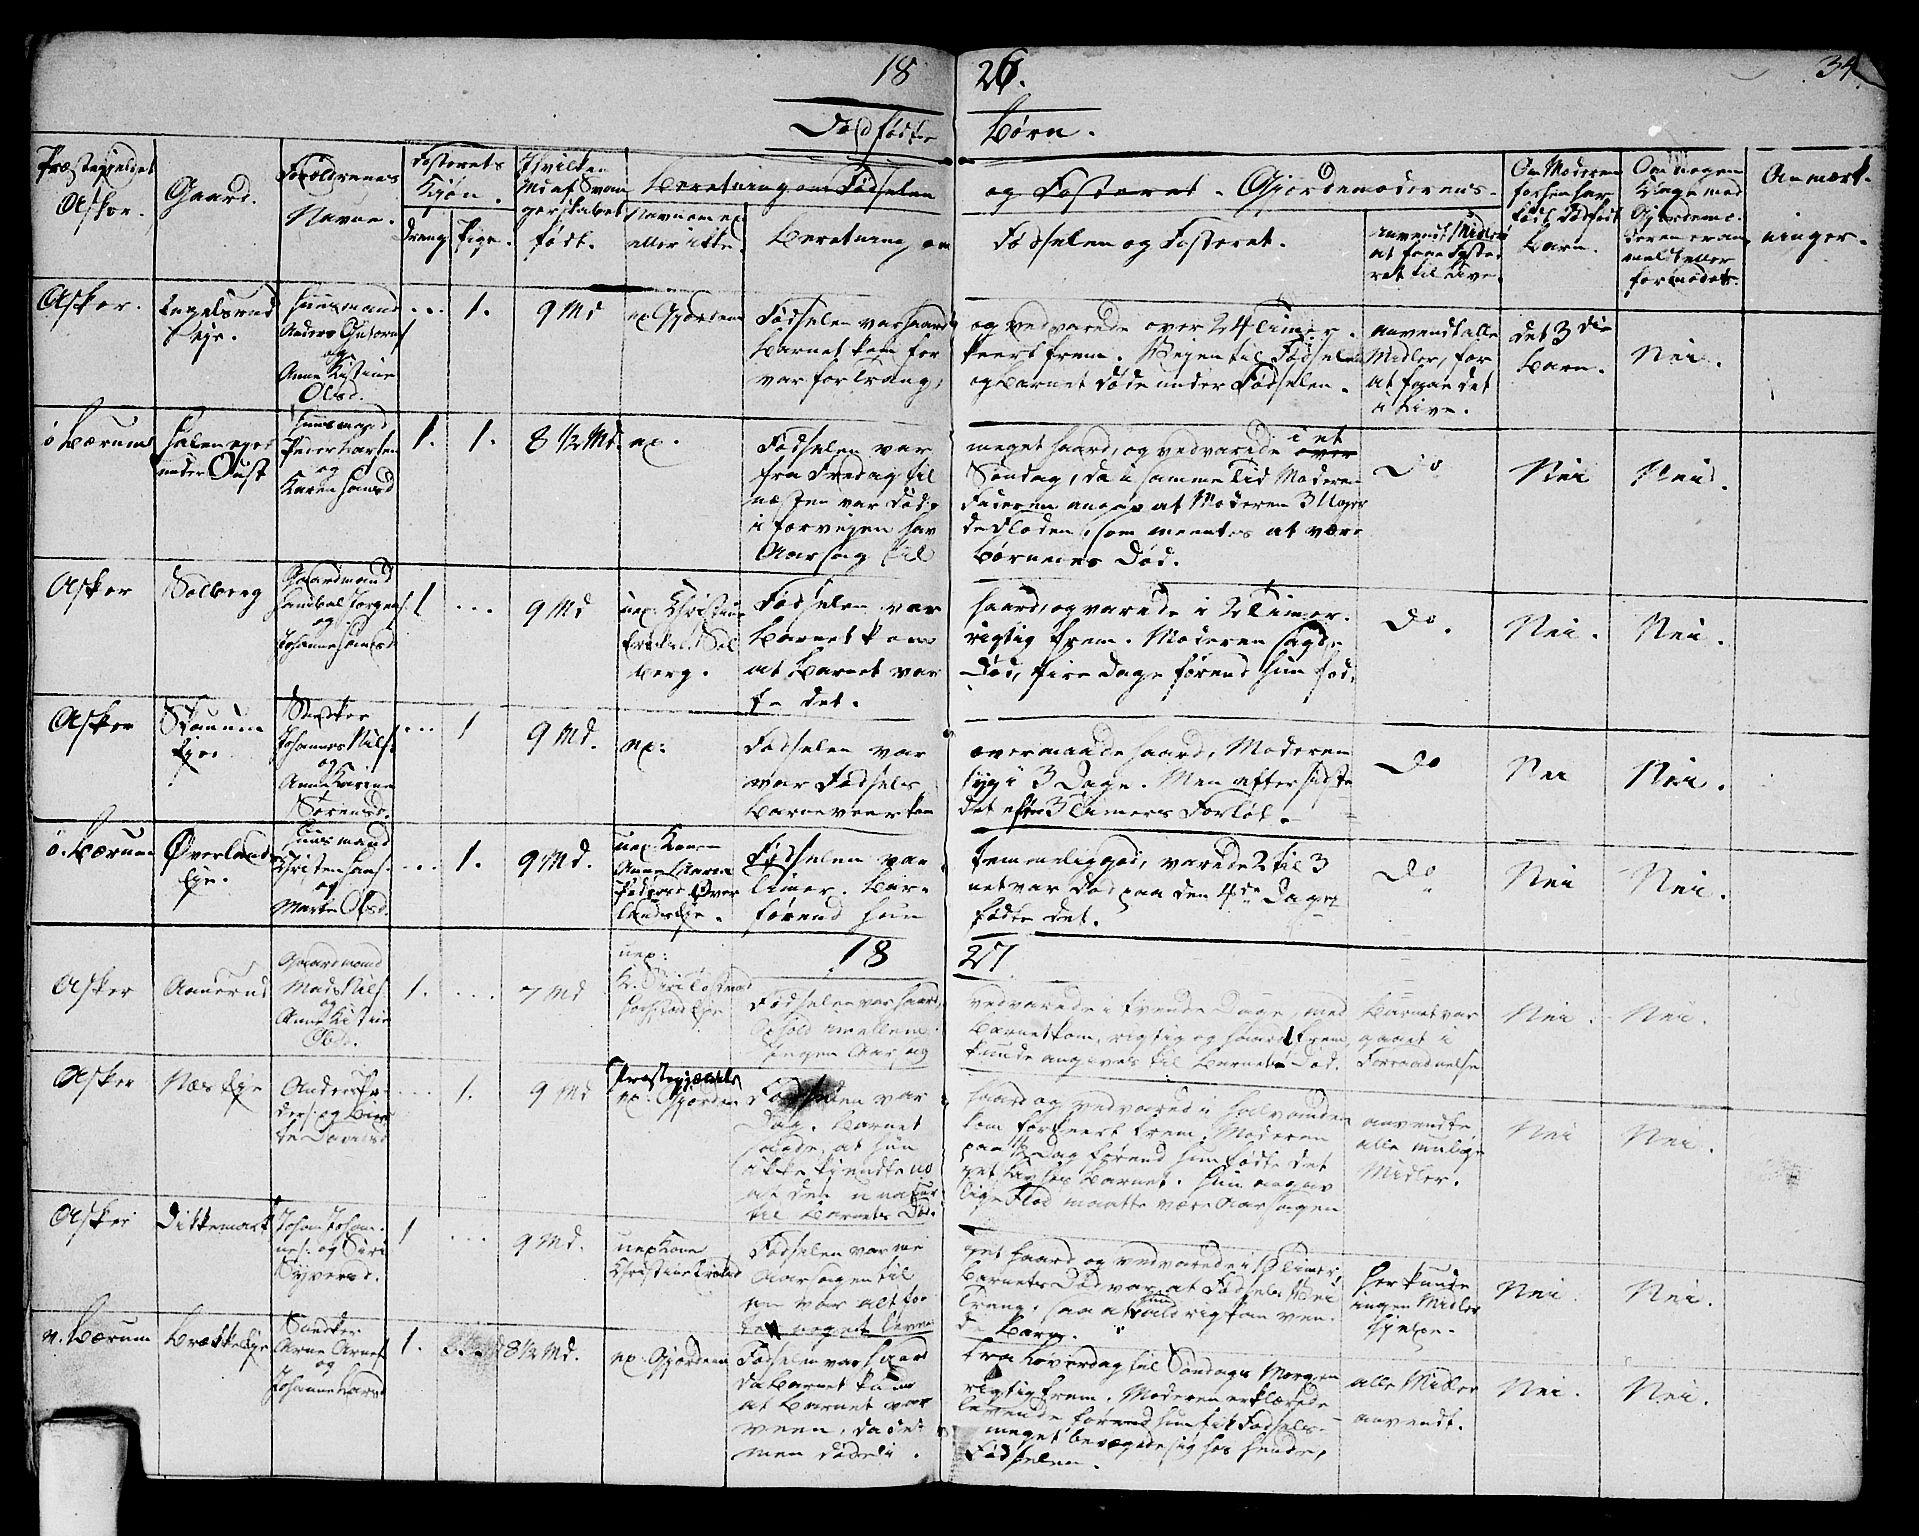 SAO, Asker prestekontor Kirkebøker, F/Fa/L0005: Ministerialbok nr. I 5, 1807-1813, s. 343